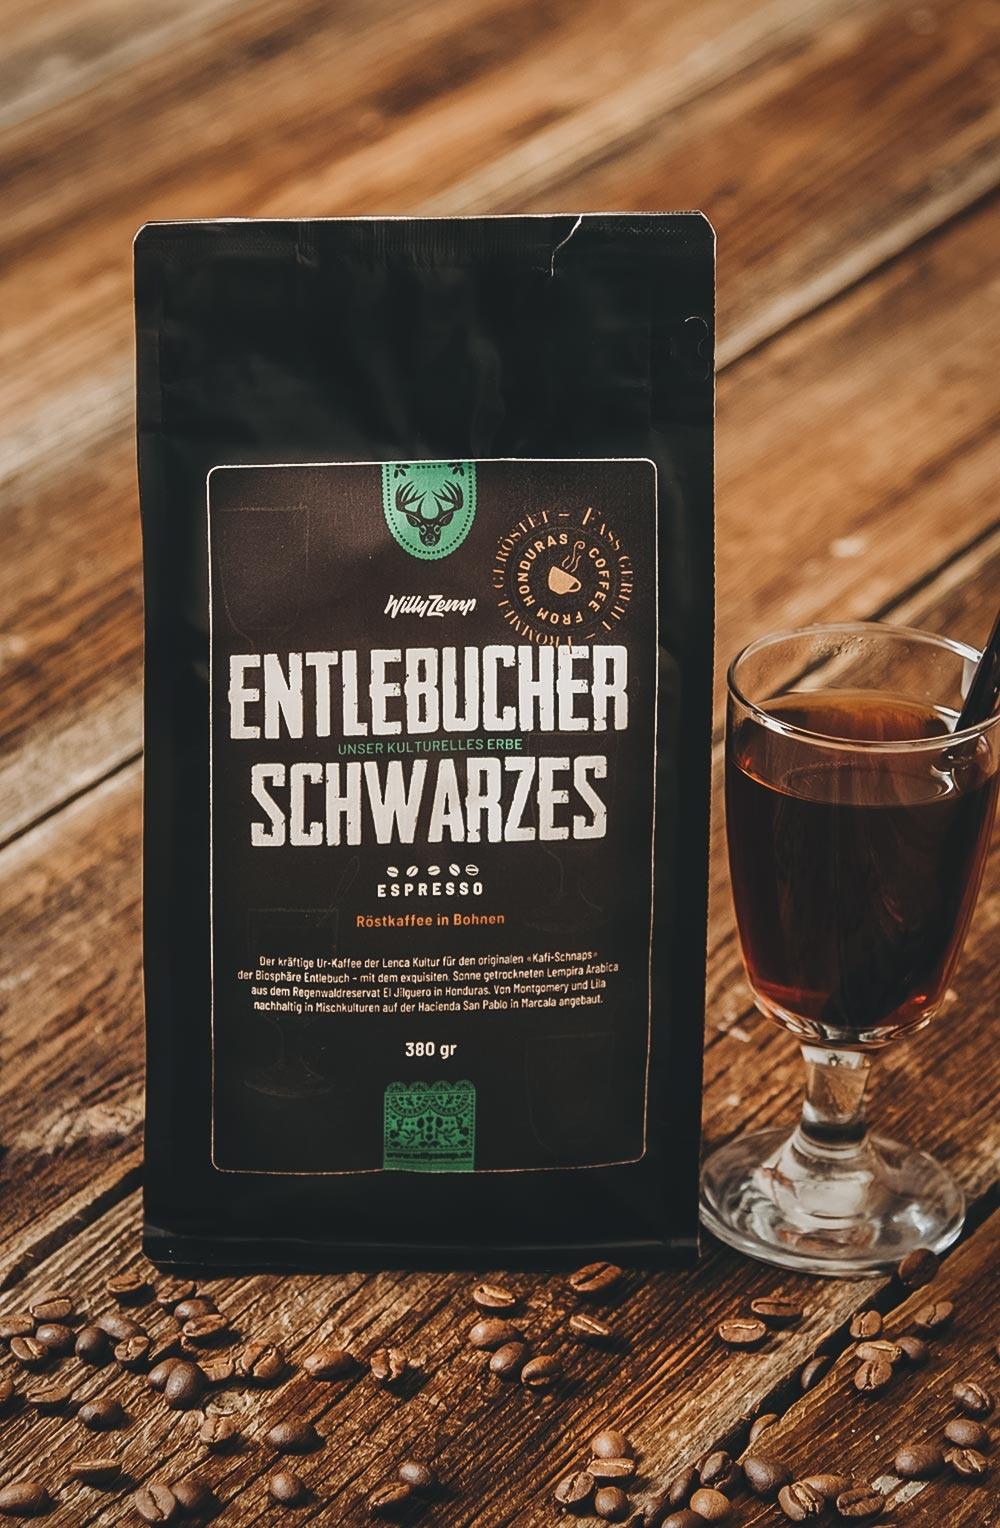 Entlebucher Schwarzes - Espresso Honduras-1